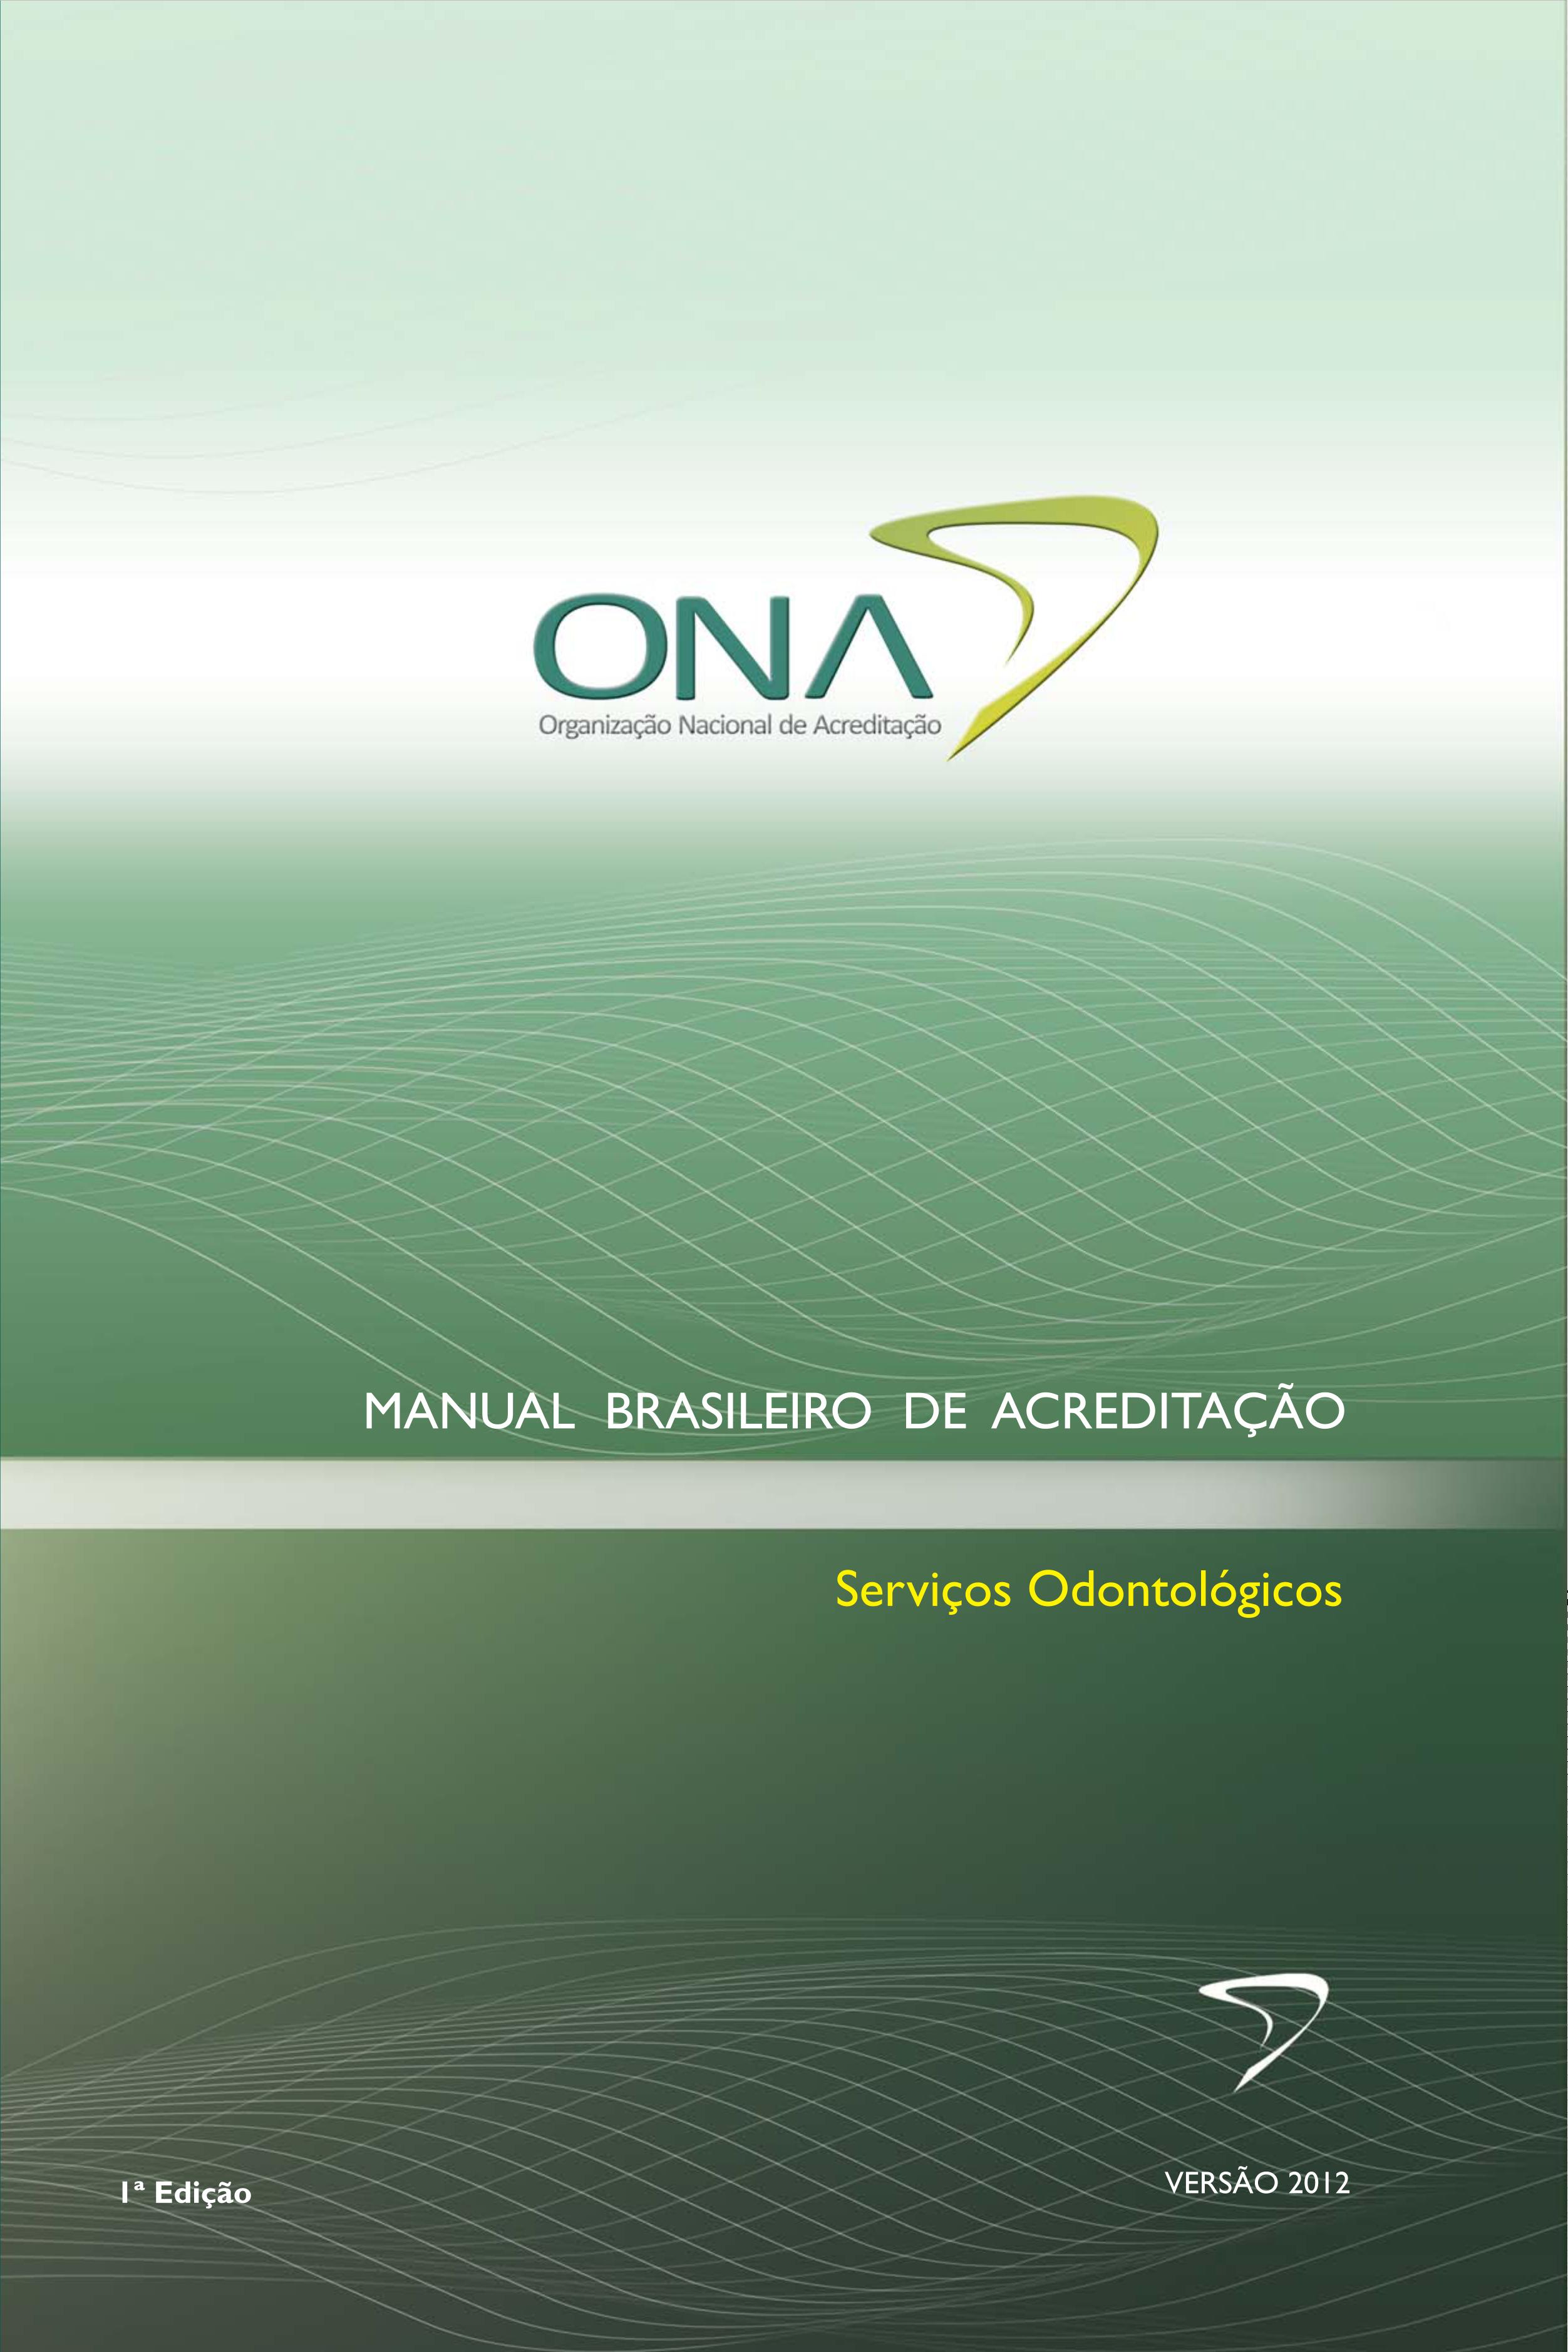 E-BOOK - Manual Brasileiro de Acreditação: Serviços Odontológicos - Versão 2012